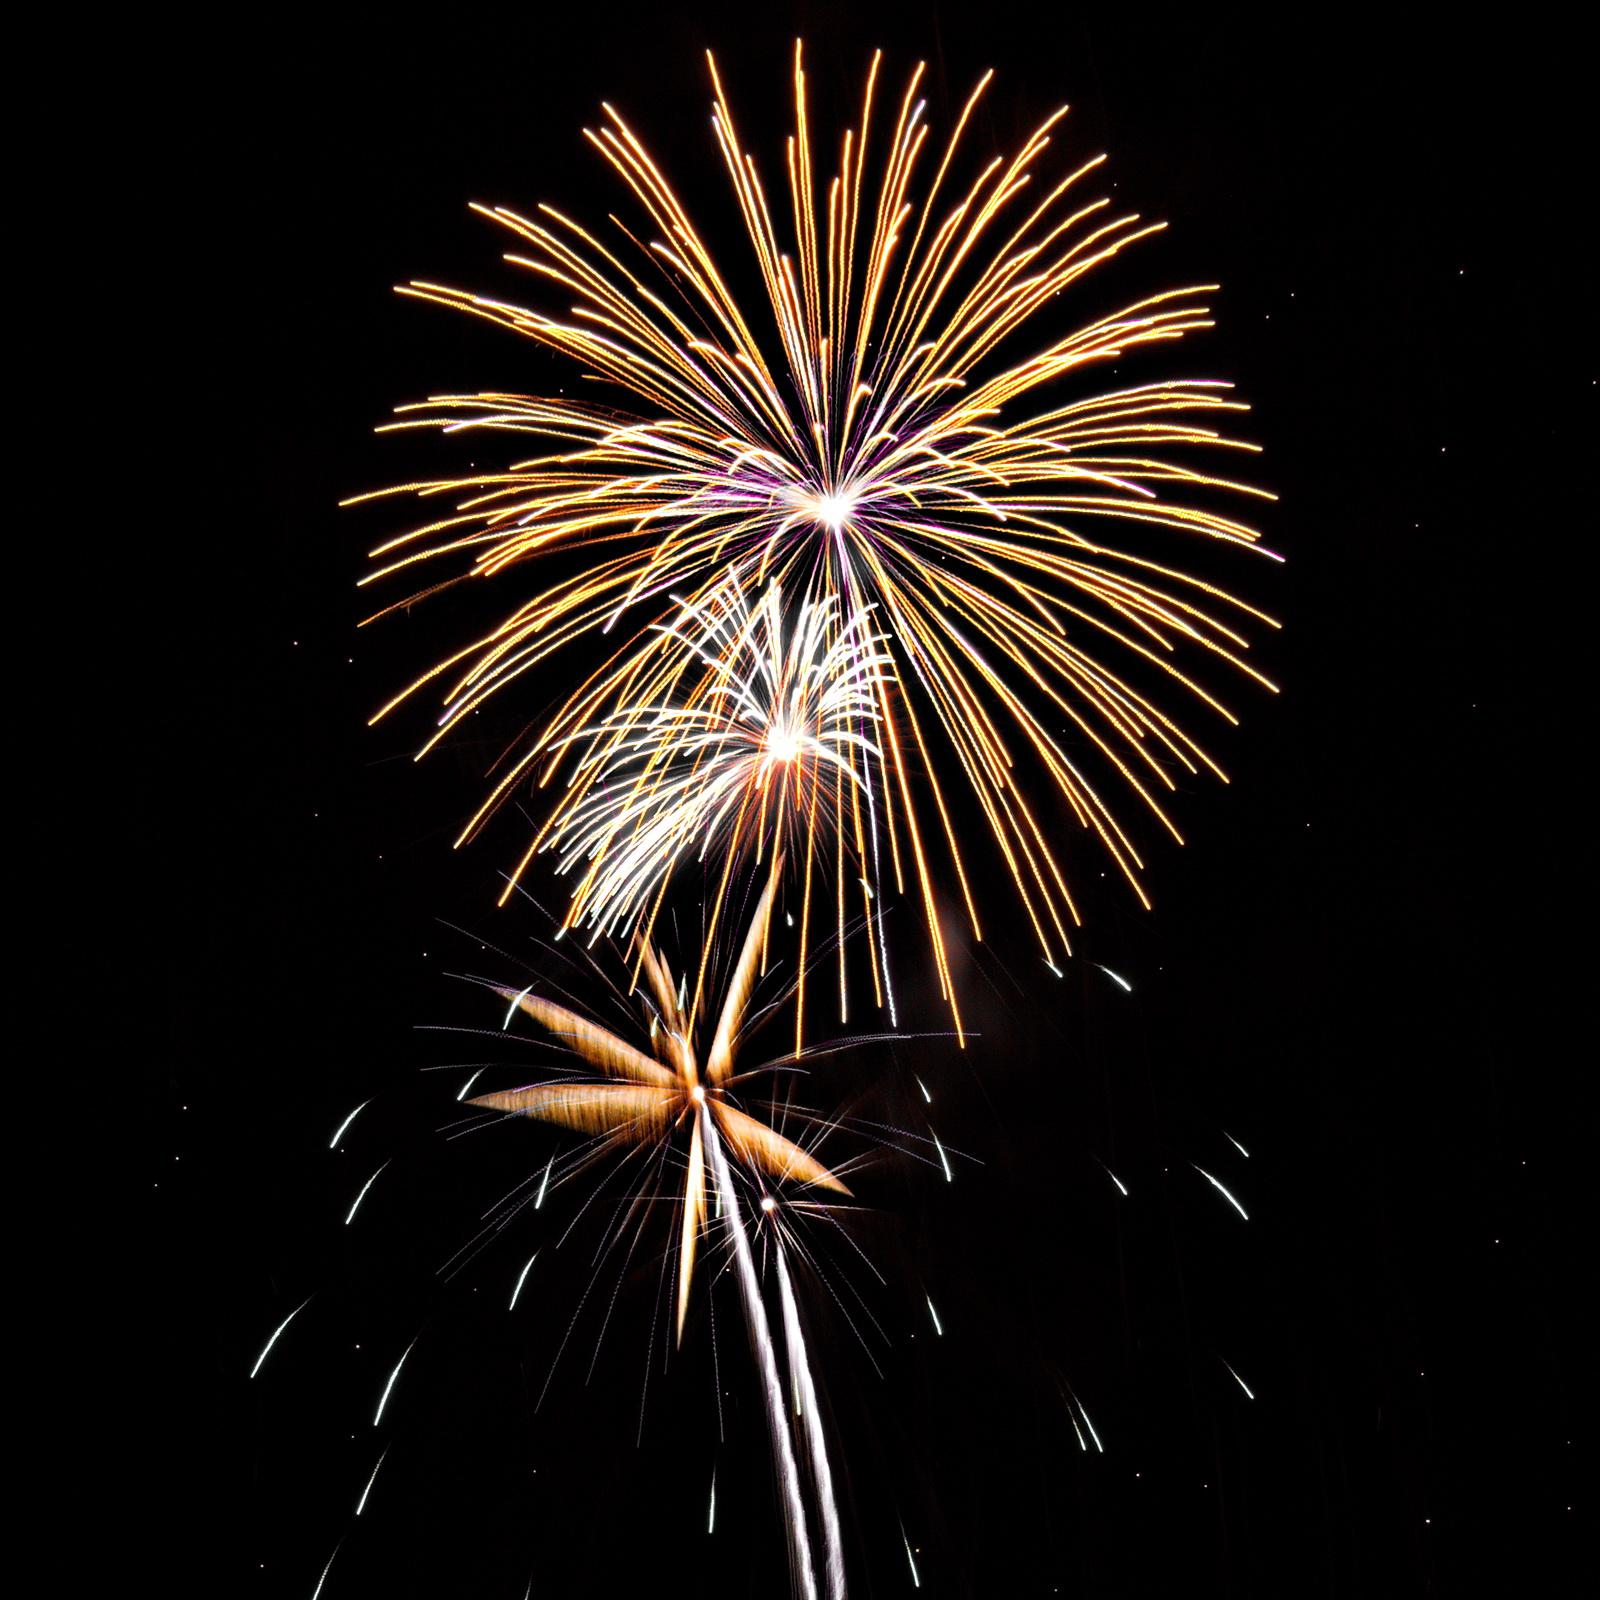 Massachusetts Fireworks: golden bursts with white